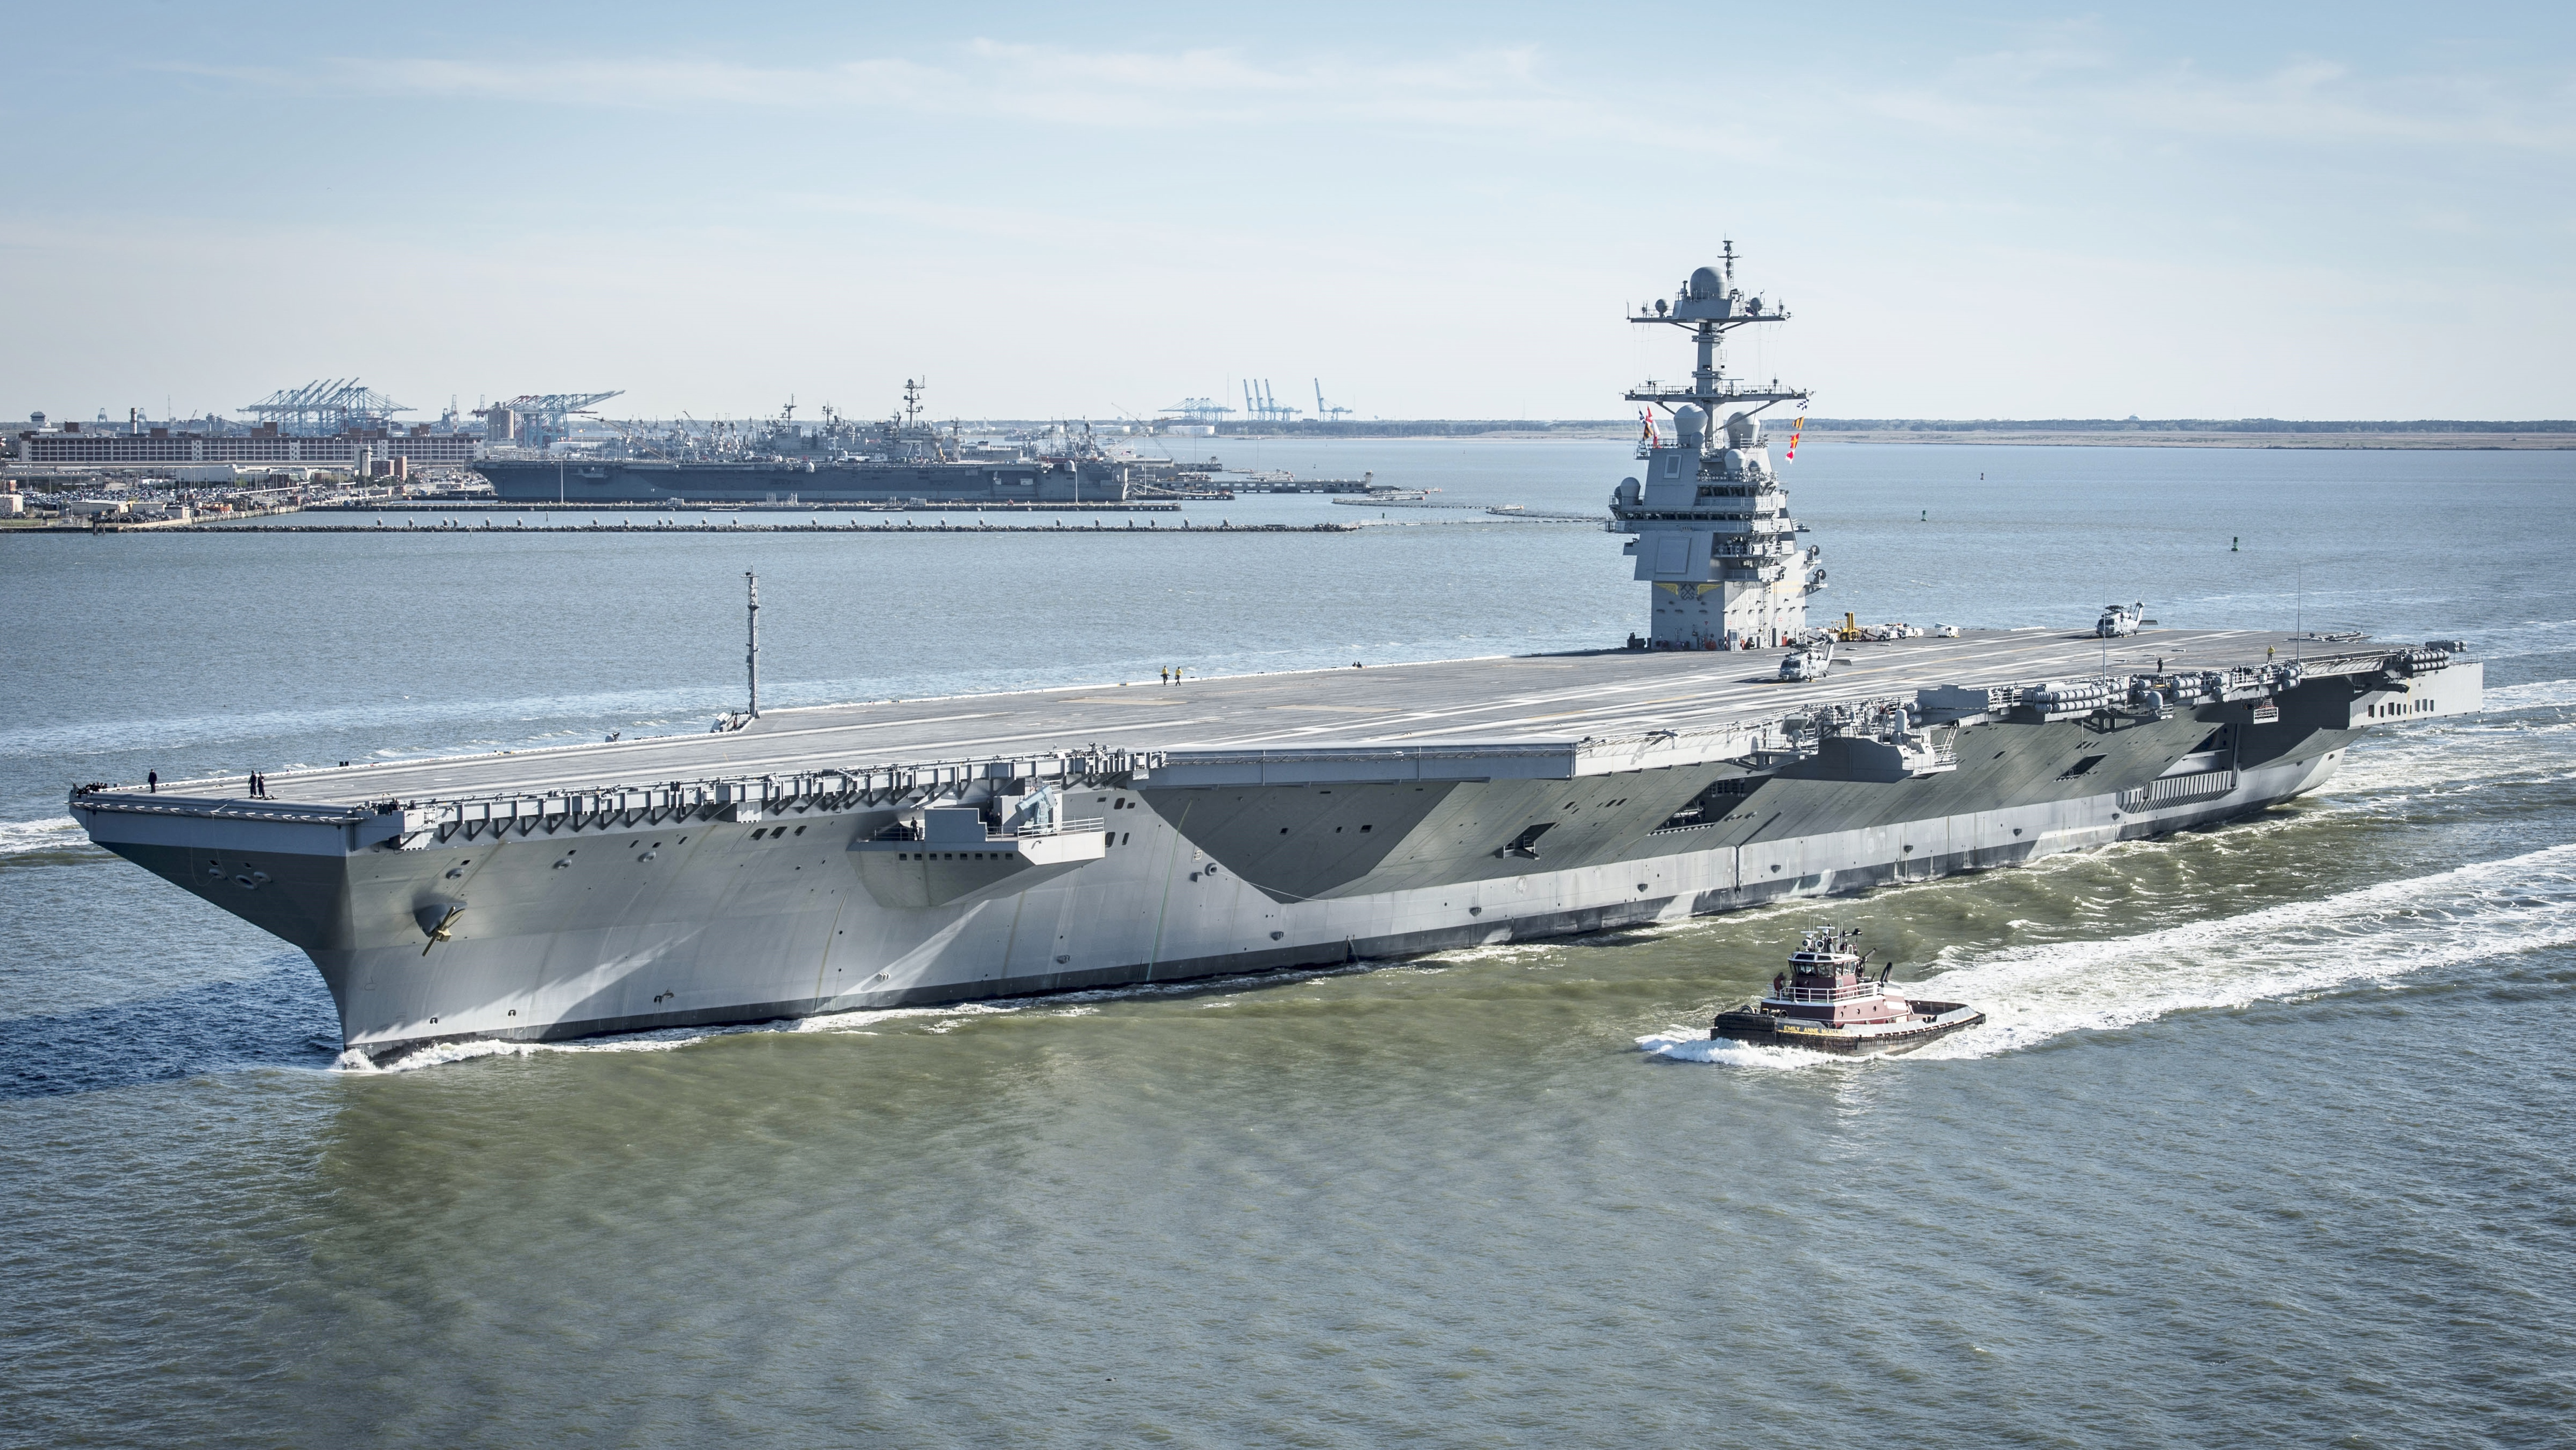 USS_Gerald_R._Ford_(CVN-78)_underway_on_